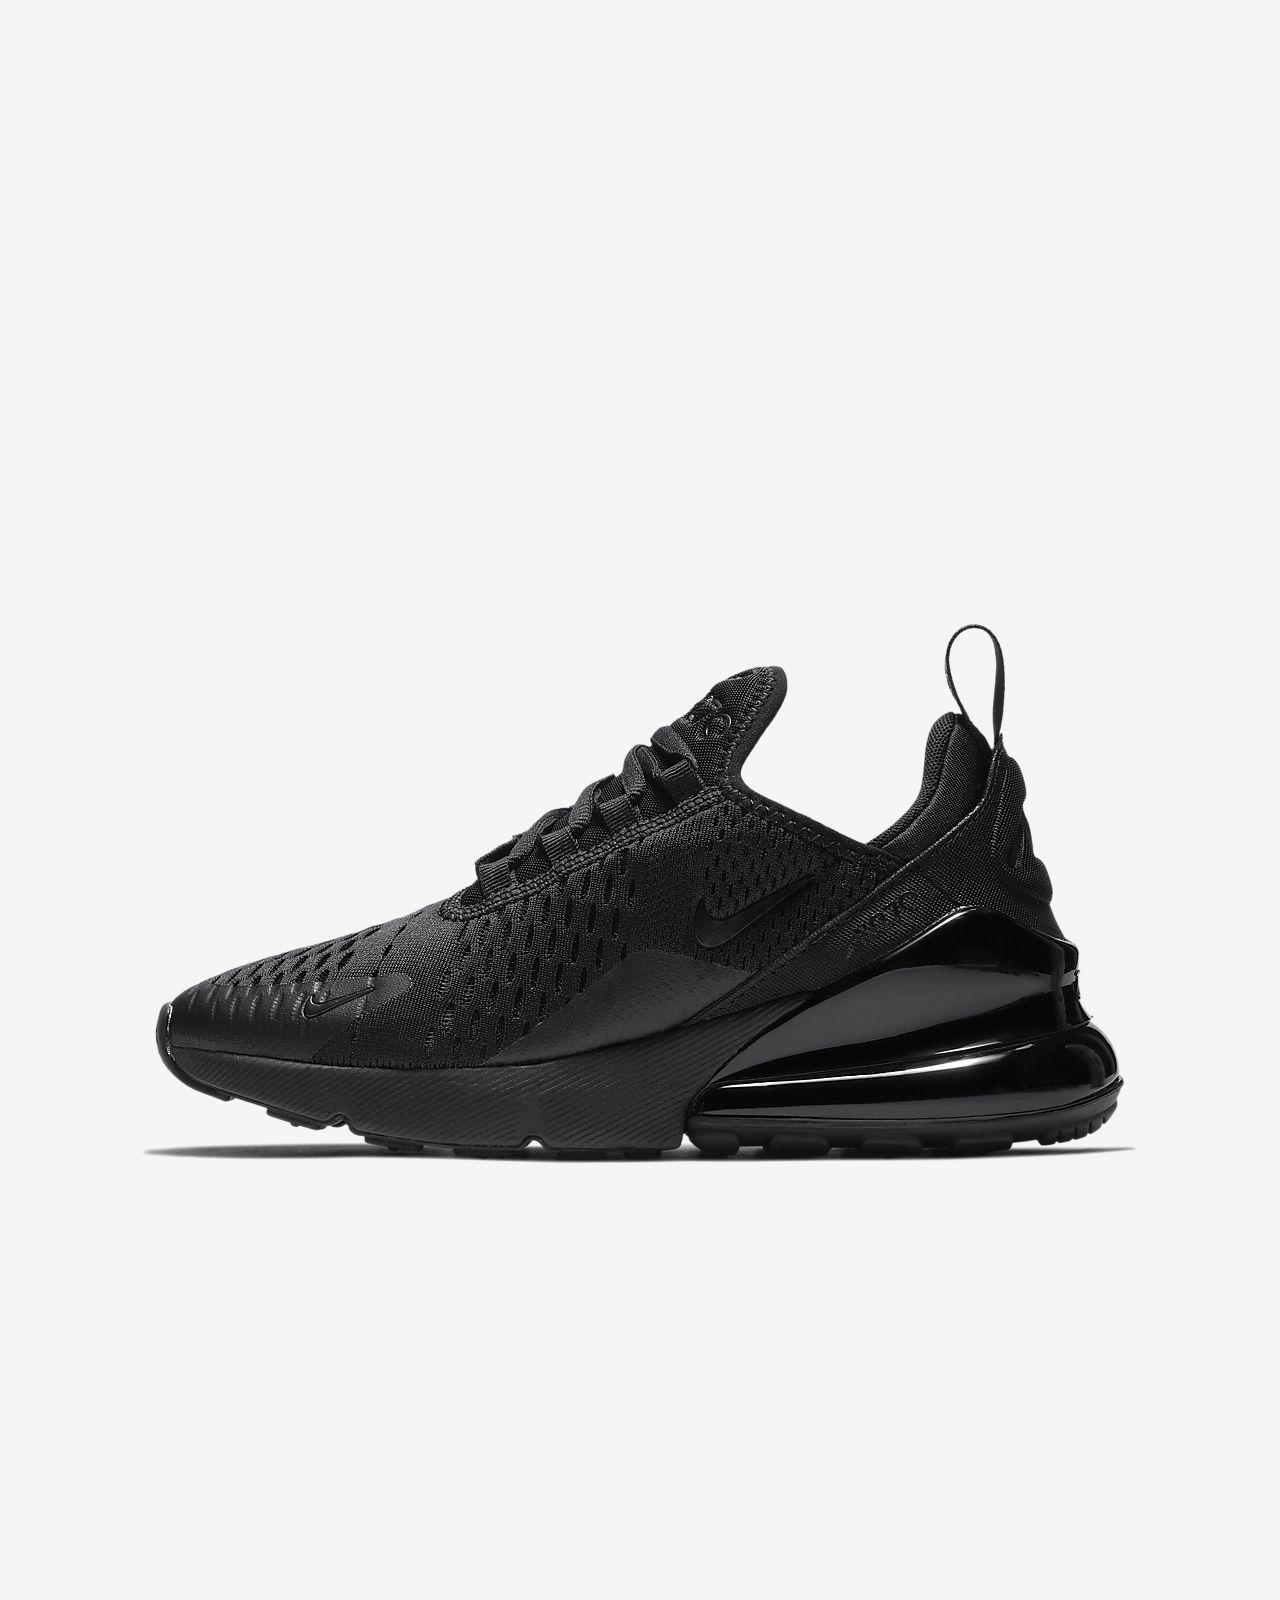 270 Air Max Nike Schuhe